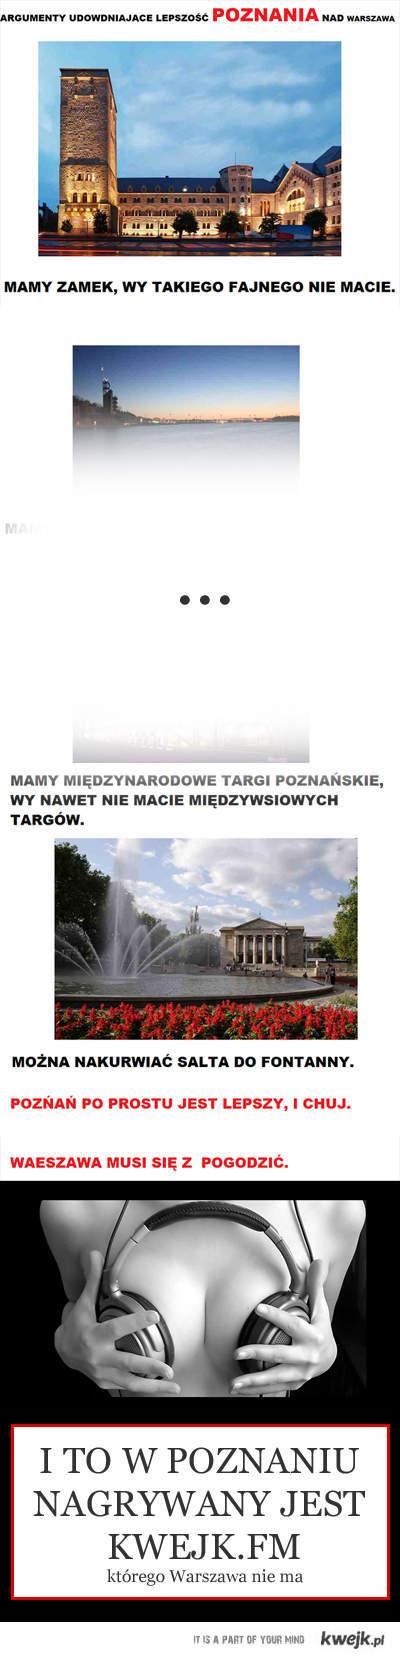 Poznań vs. Warszawa - kwejk.fm